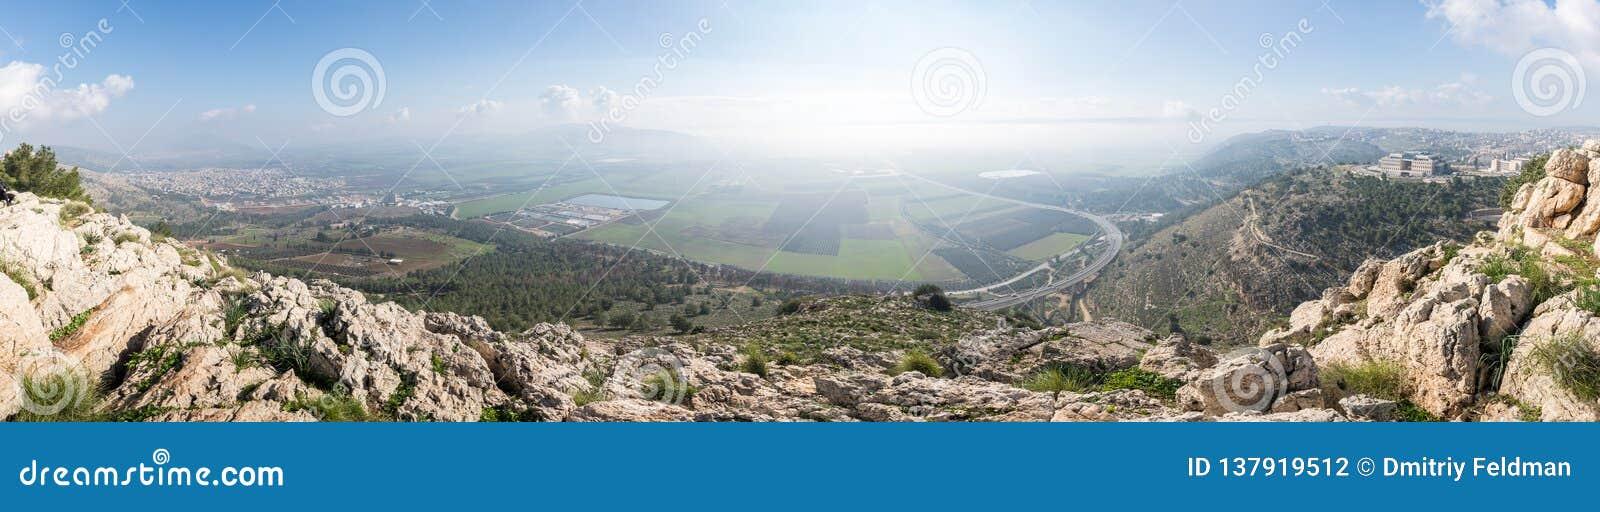 Vista de la salida del sol del precipicio del soporte cerca de Nazaret en el valle adyacente